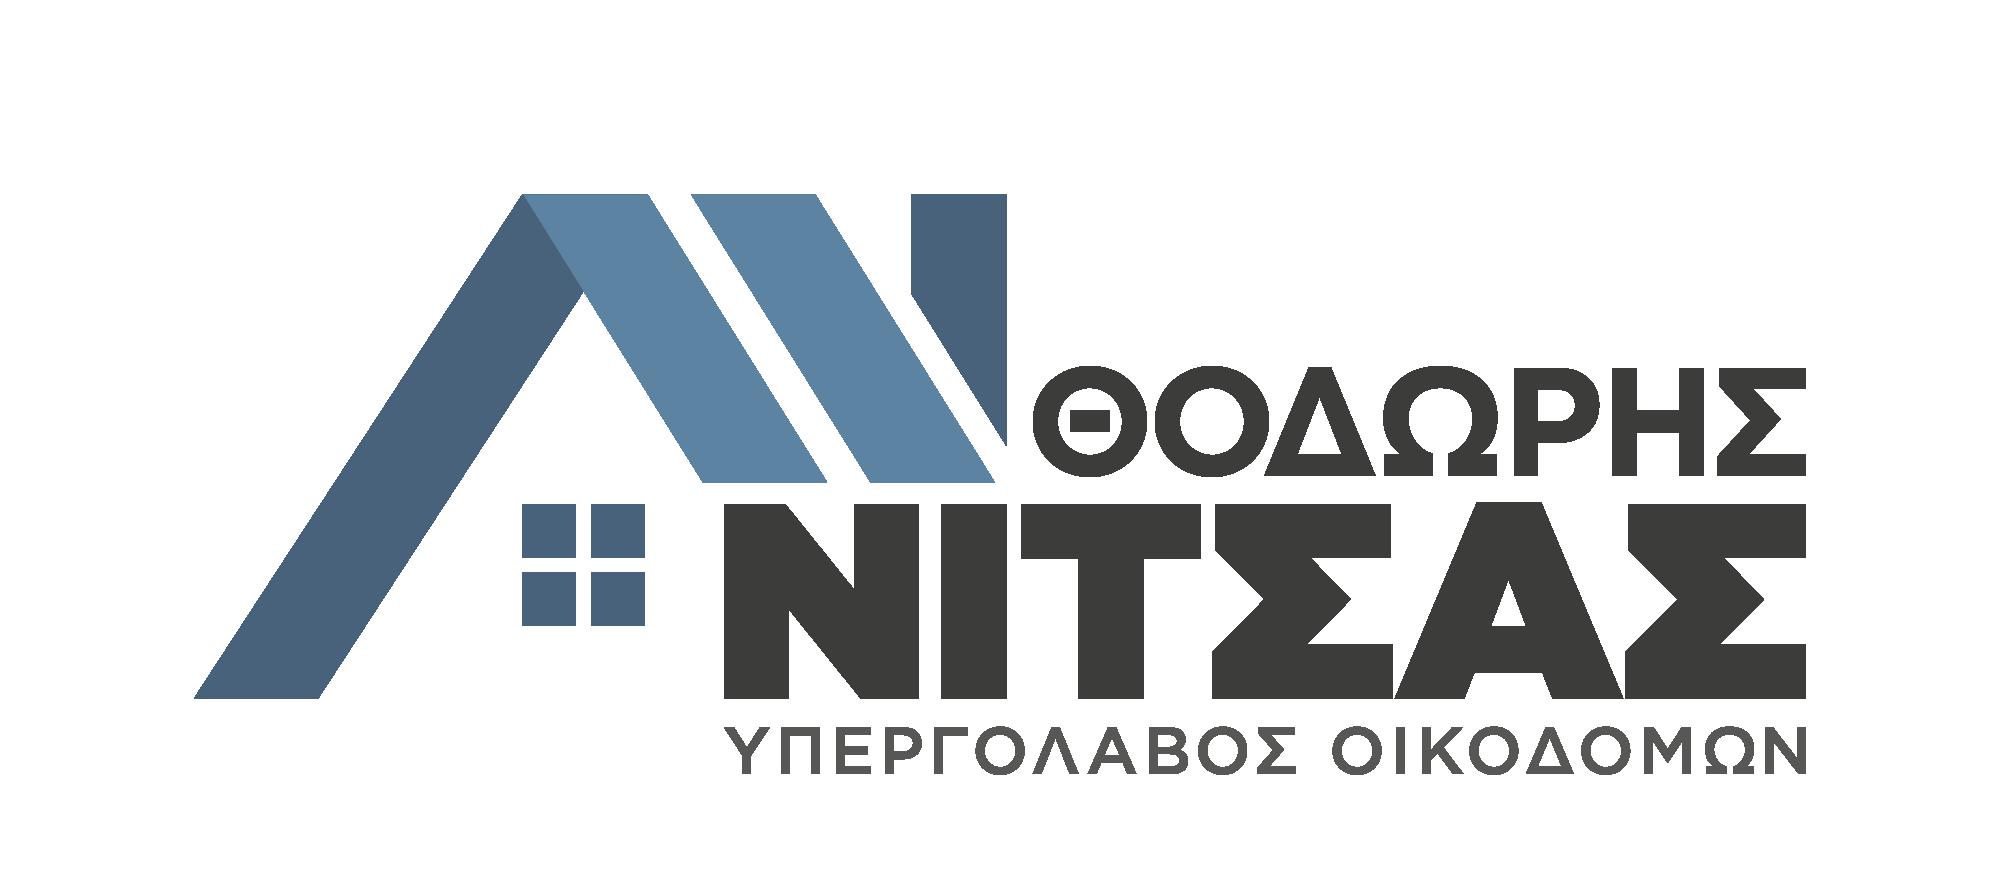 Nitsas